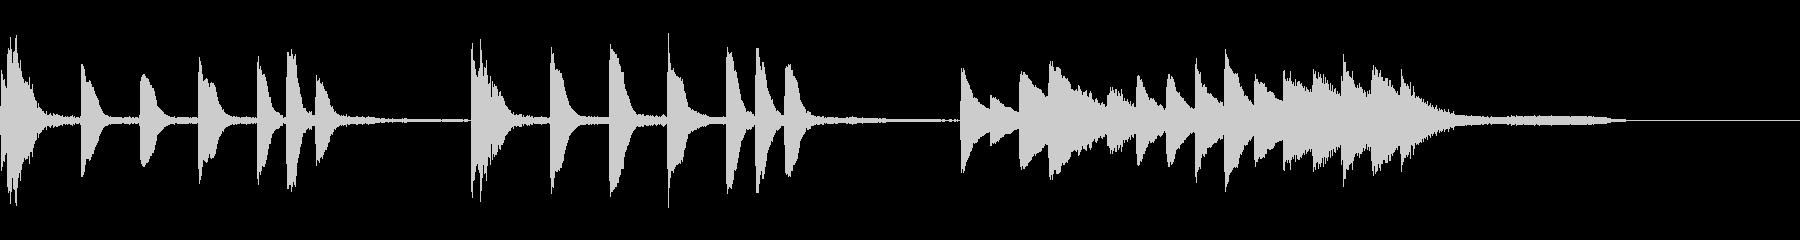 ループ可能怪しい場面のピアノソロの未再生の波形